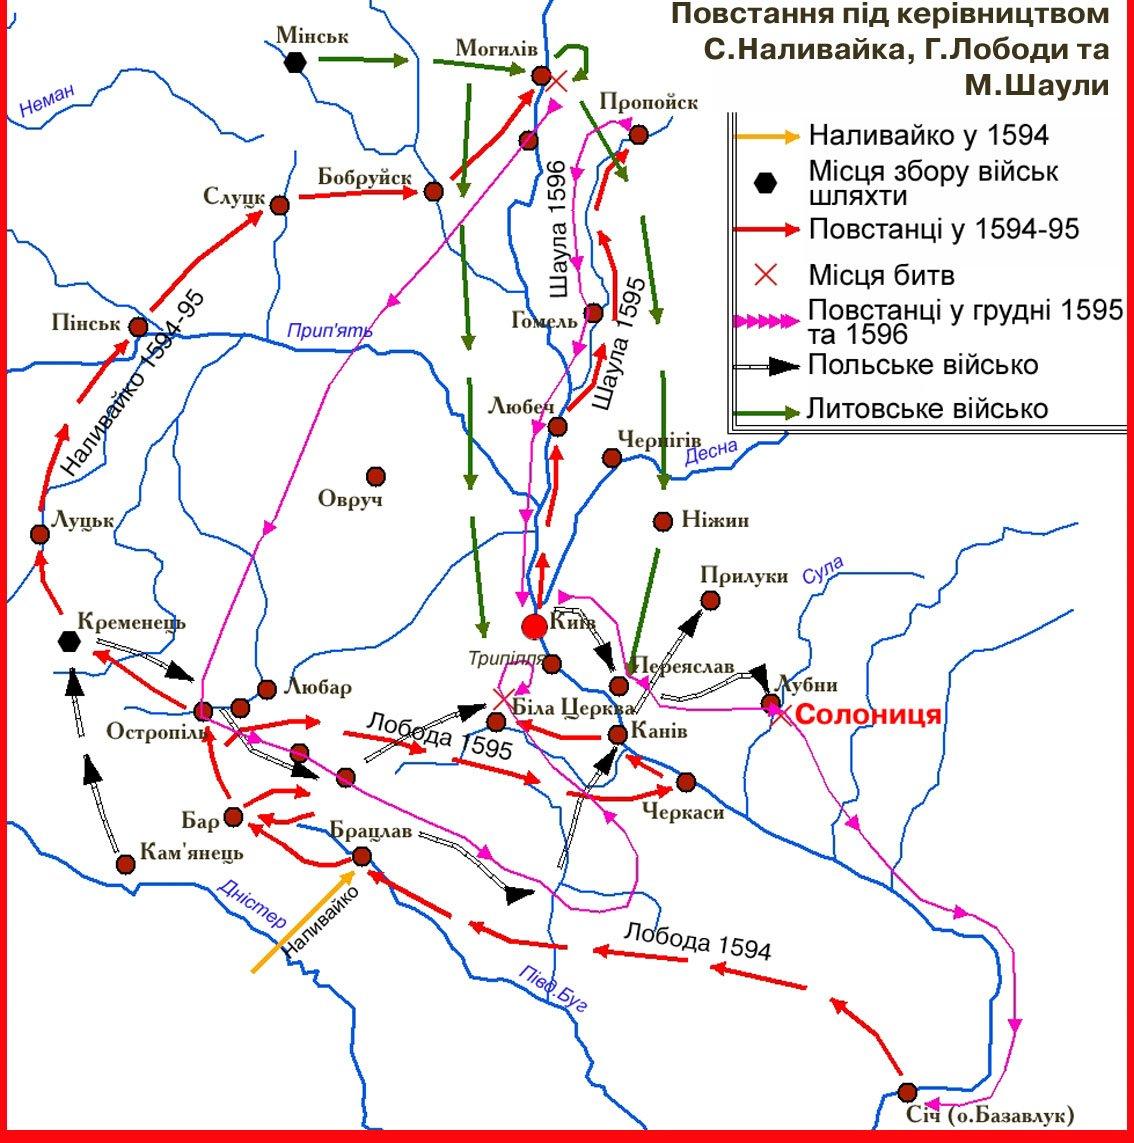 Схема повстання 1594-1596 років